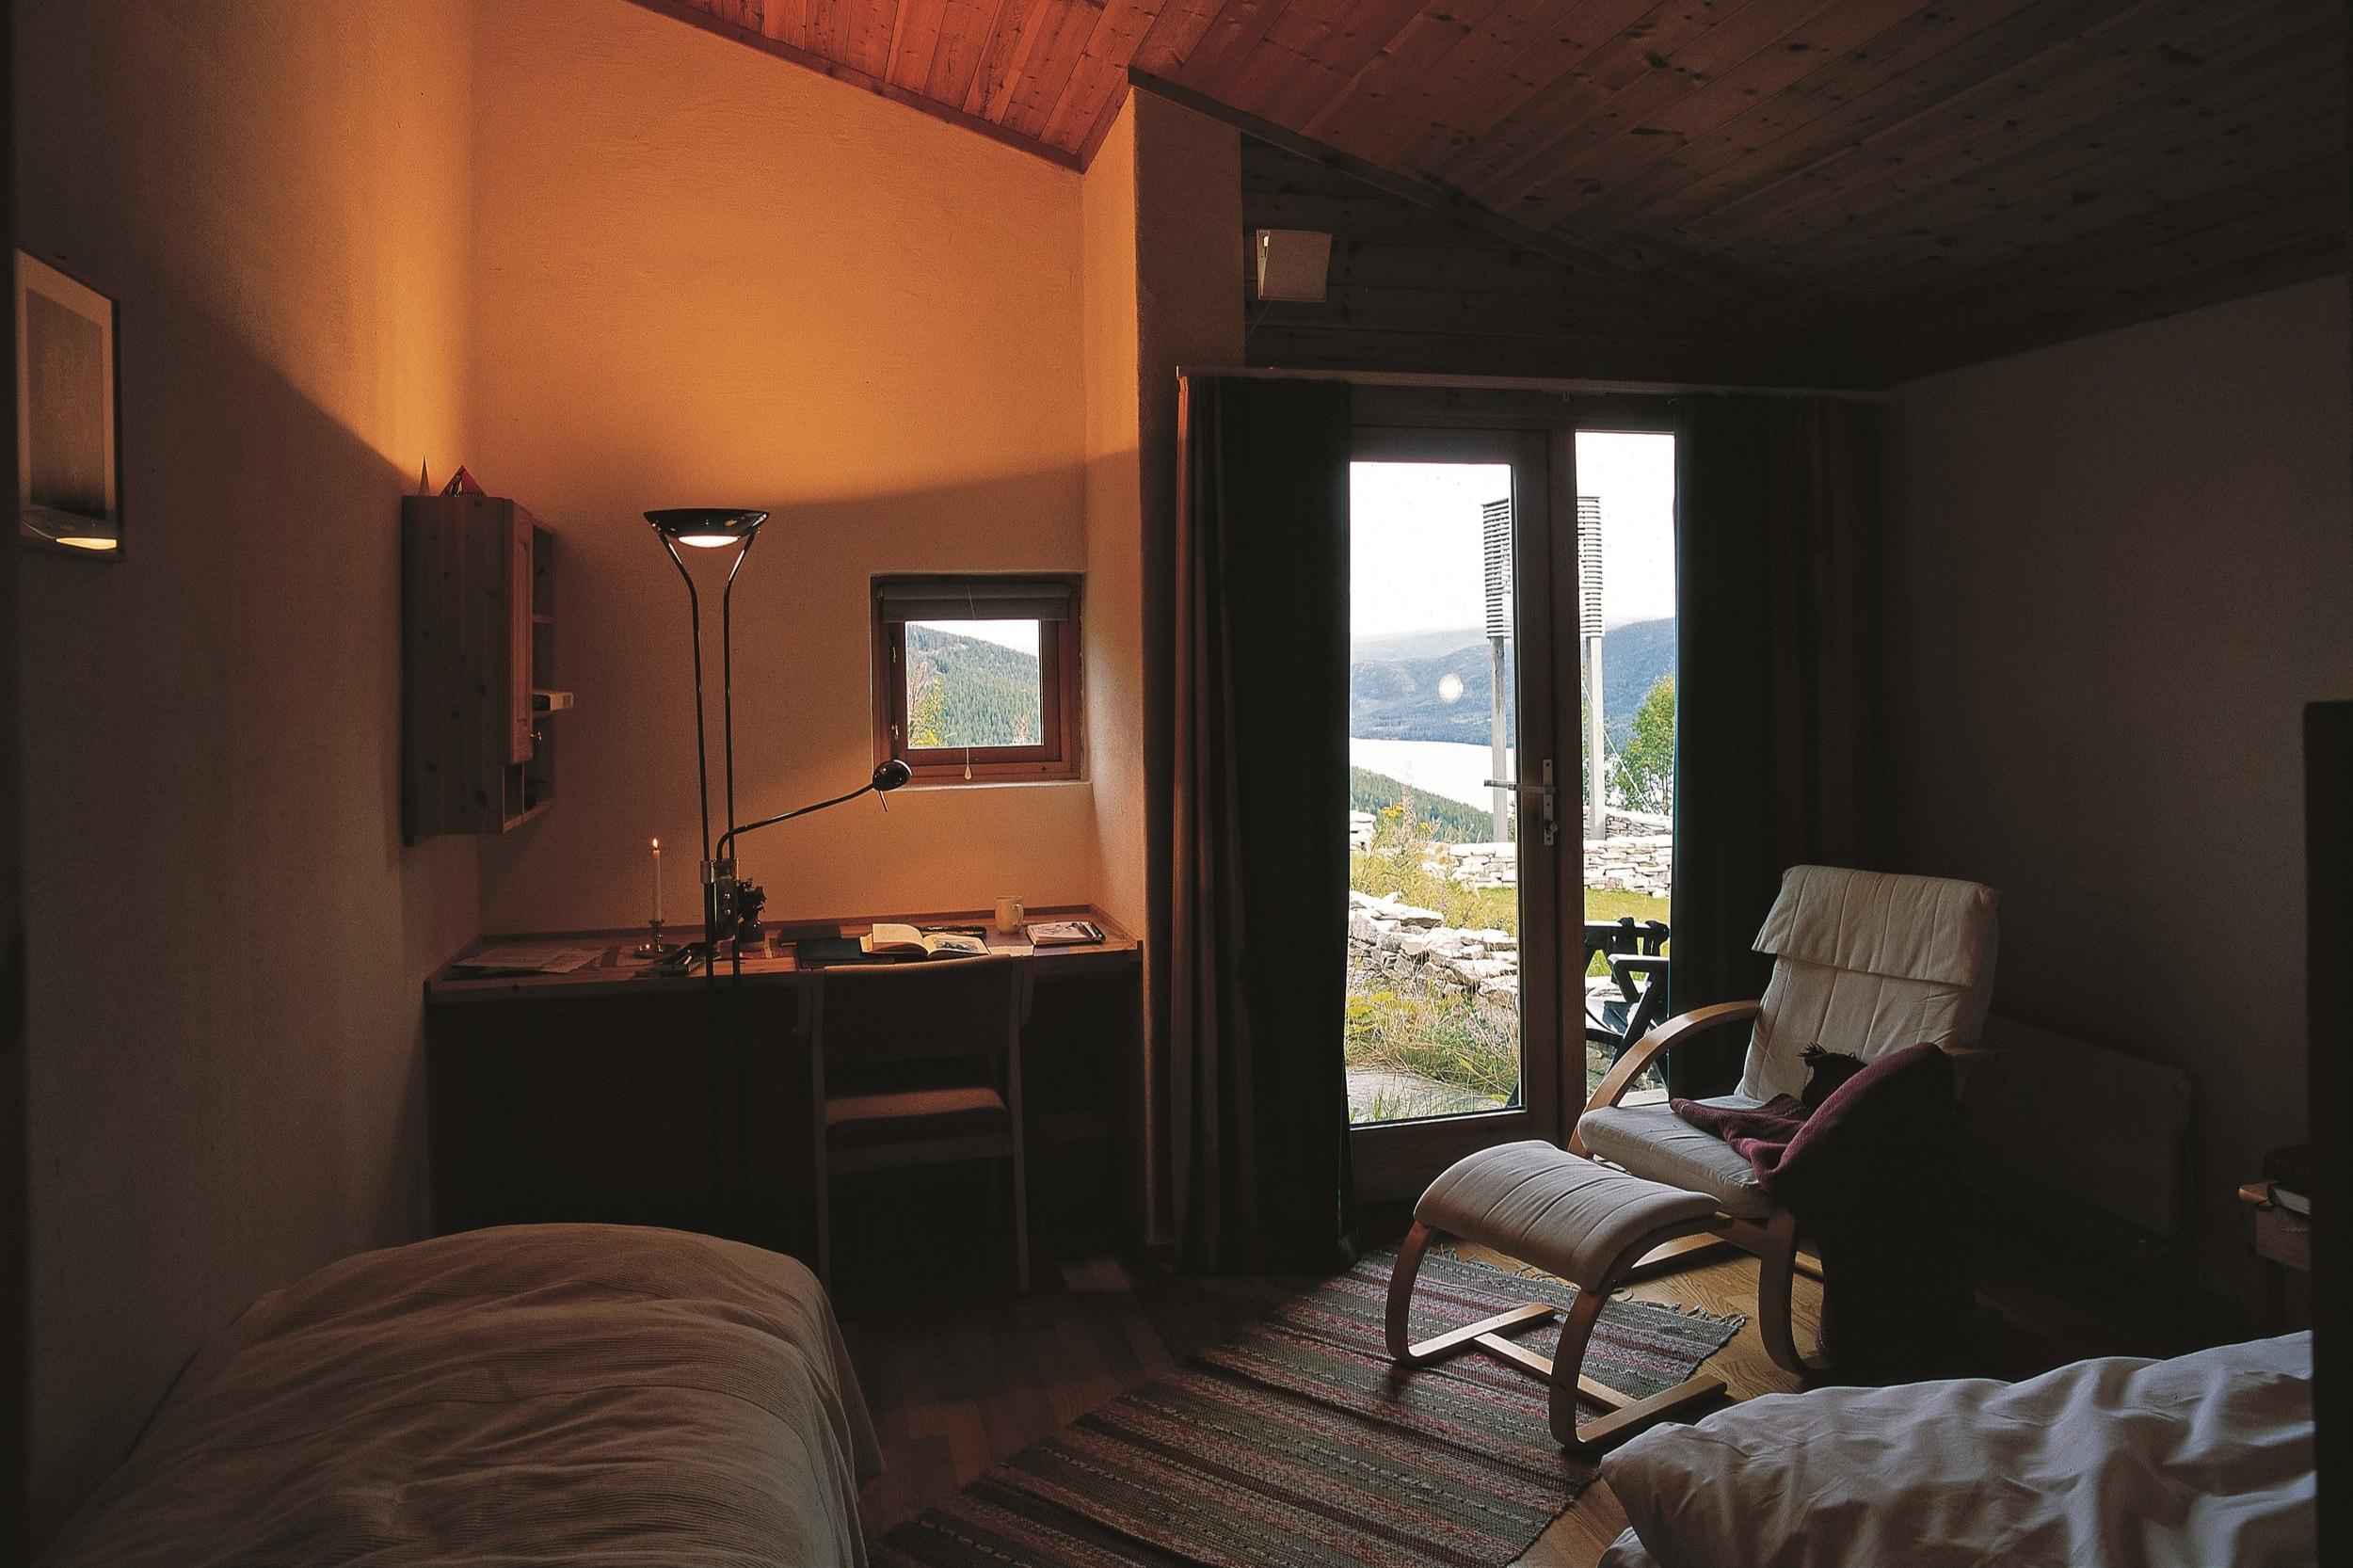 Et sted med mange rom - Ulike rom og hytter til forskjellige behov